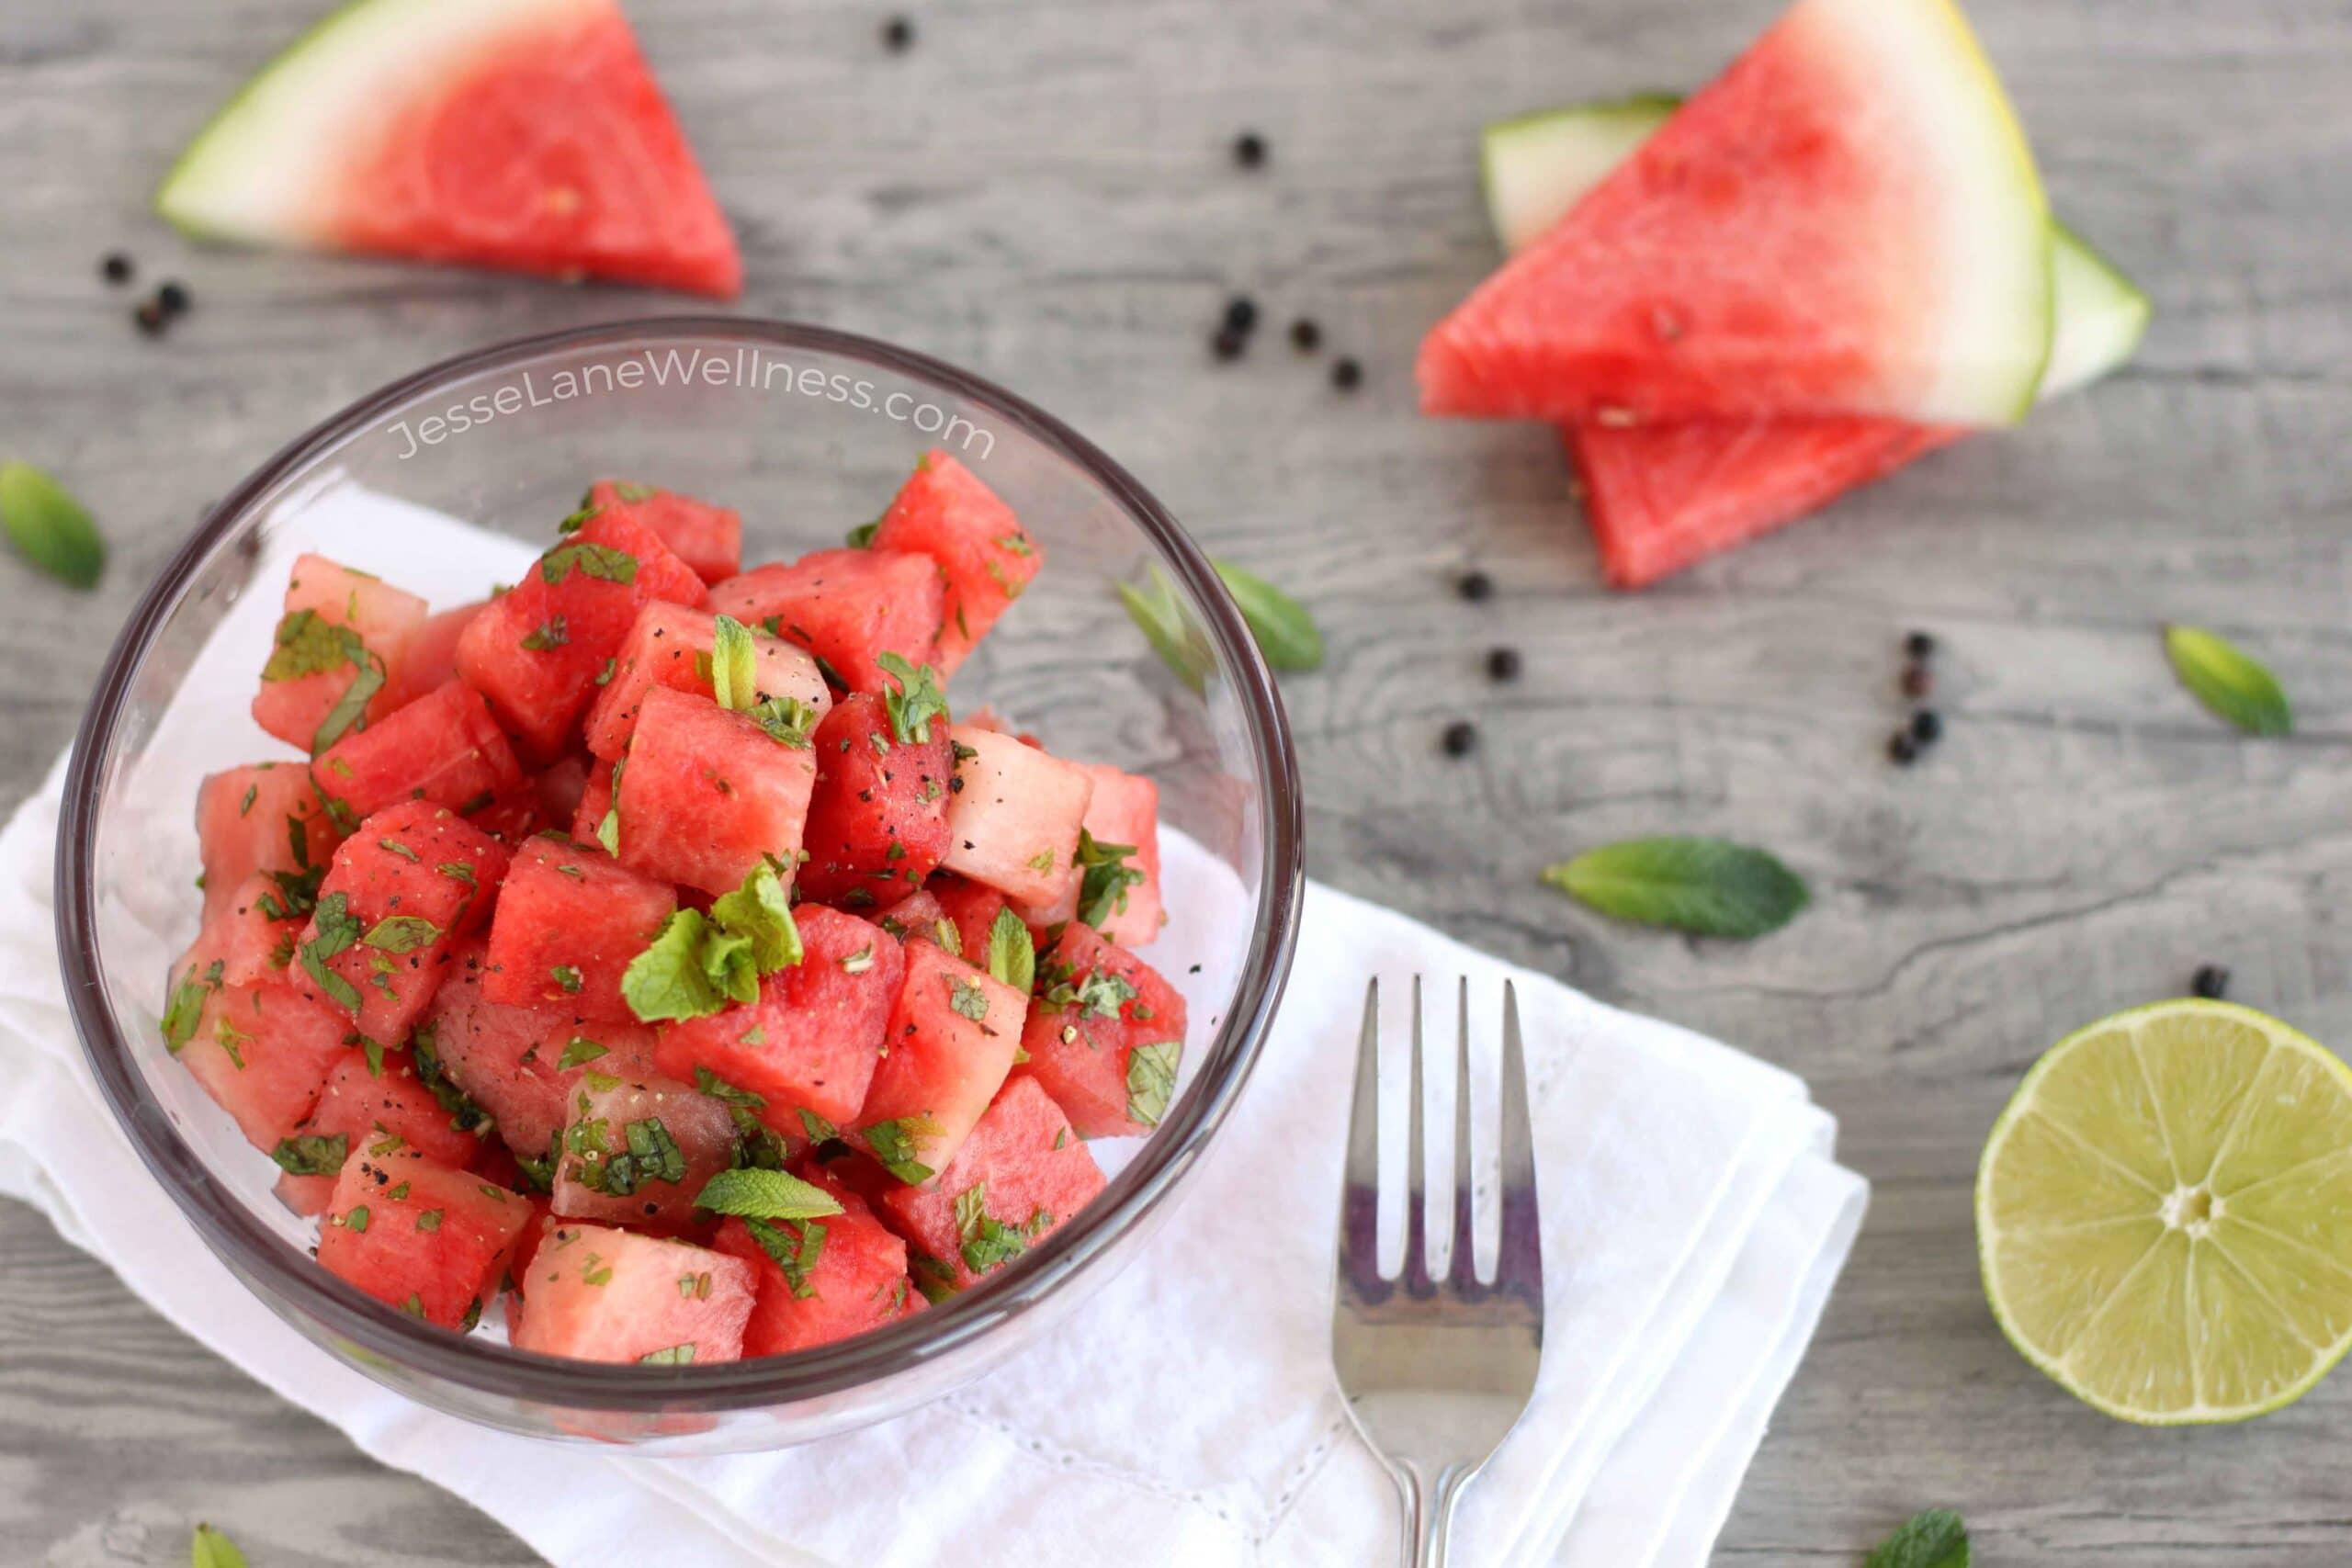 Savoury Watermelon Salad by @jesselwellness #watermelonsalad #healthysalad